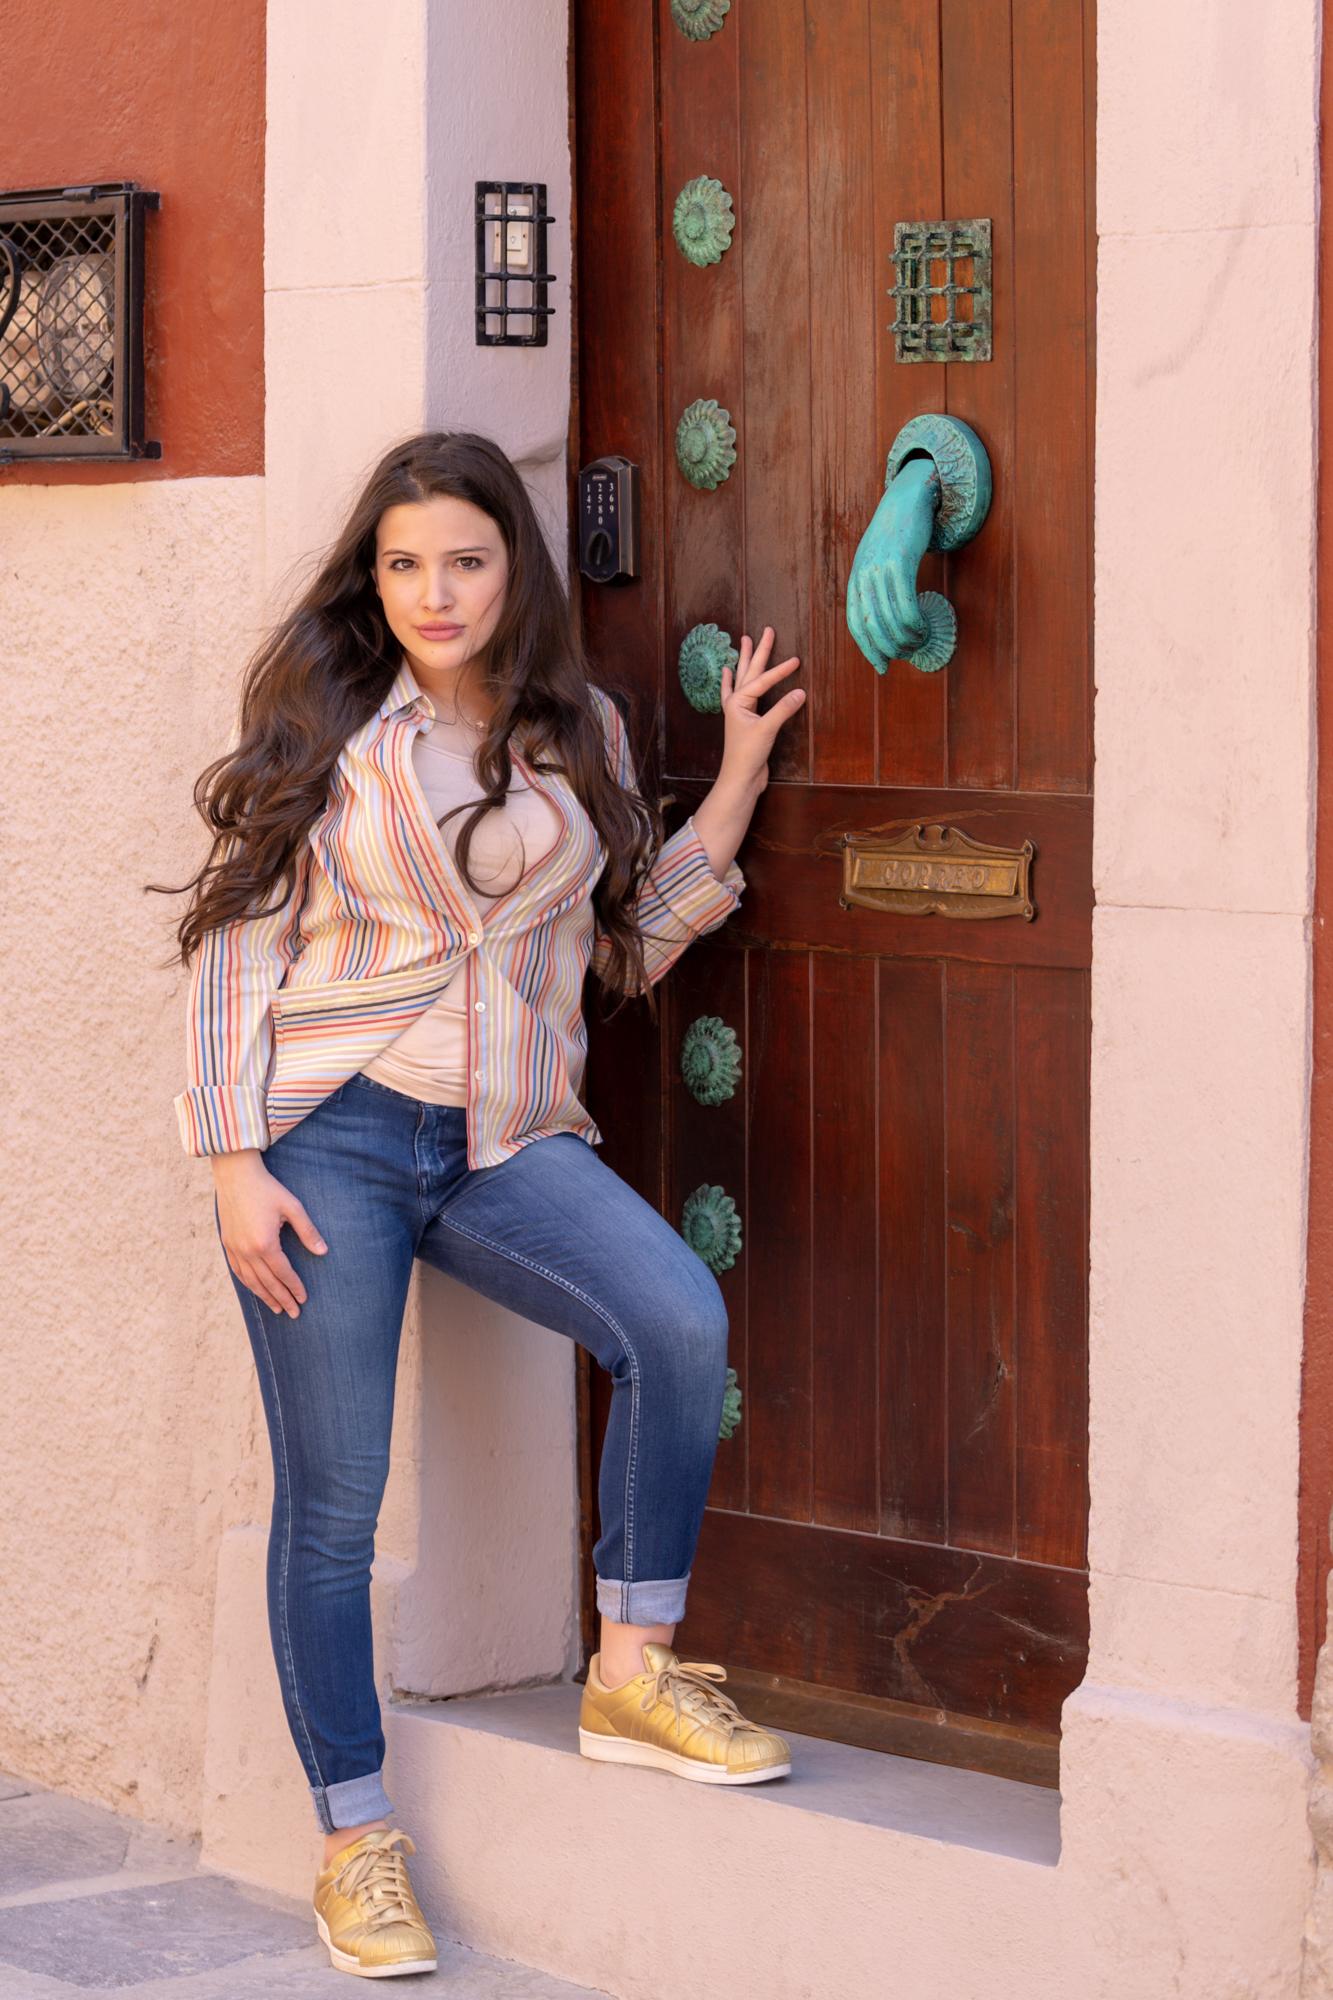 Sesion de Fotos en San Miguel de Allende con Rogelio y su Fmailia-36.jpg